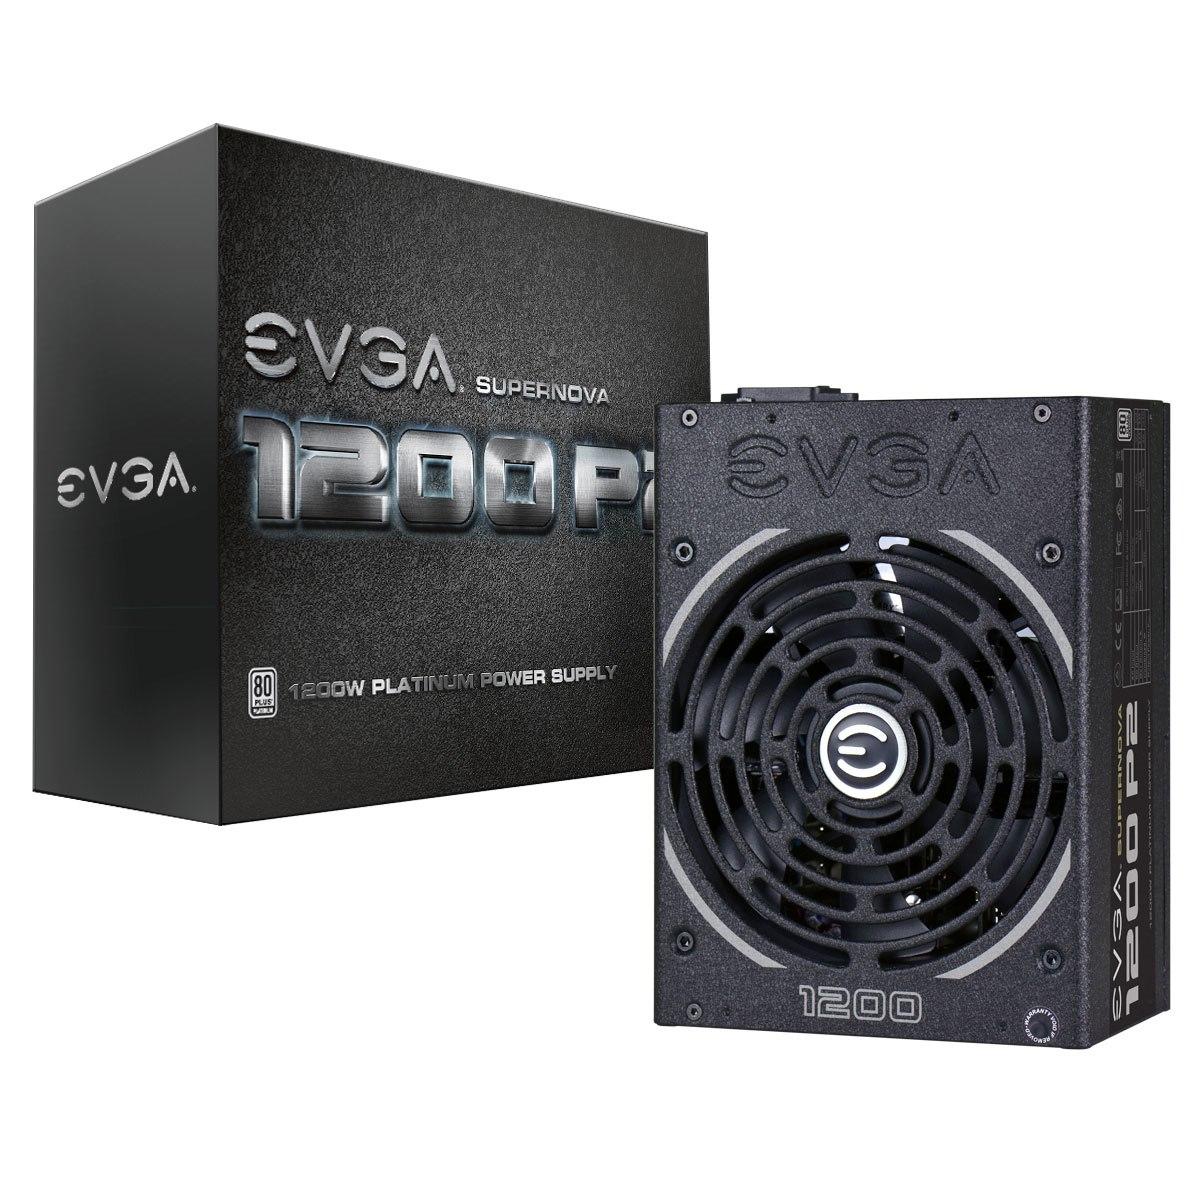 EVGA SuperNOVA 1200 P2 ATX12V/EPS12V Power Supply - 94% Efficiency - 1.20 kW